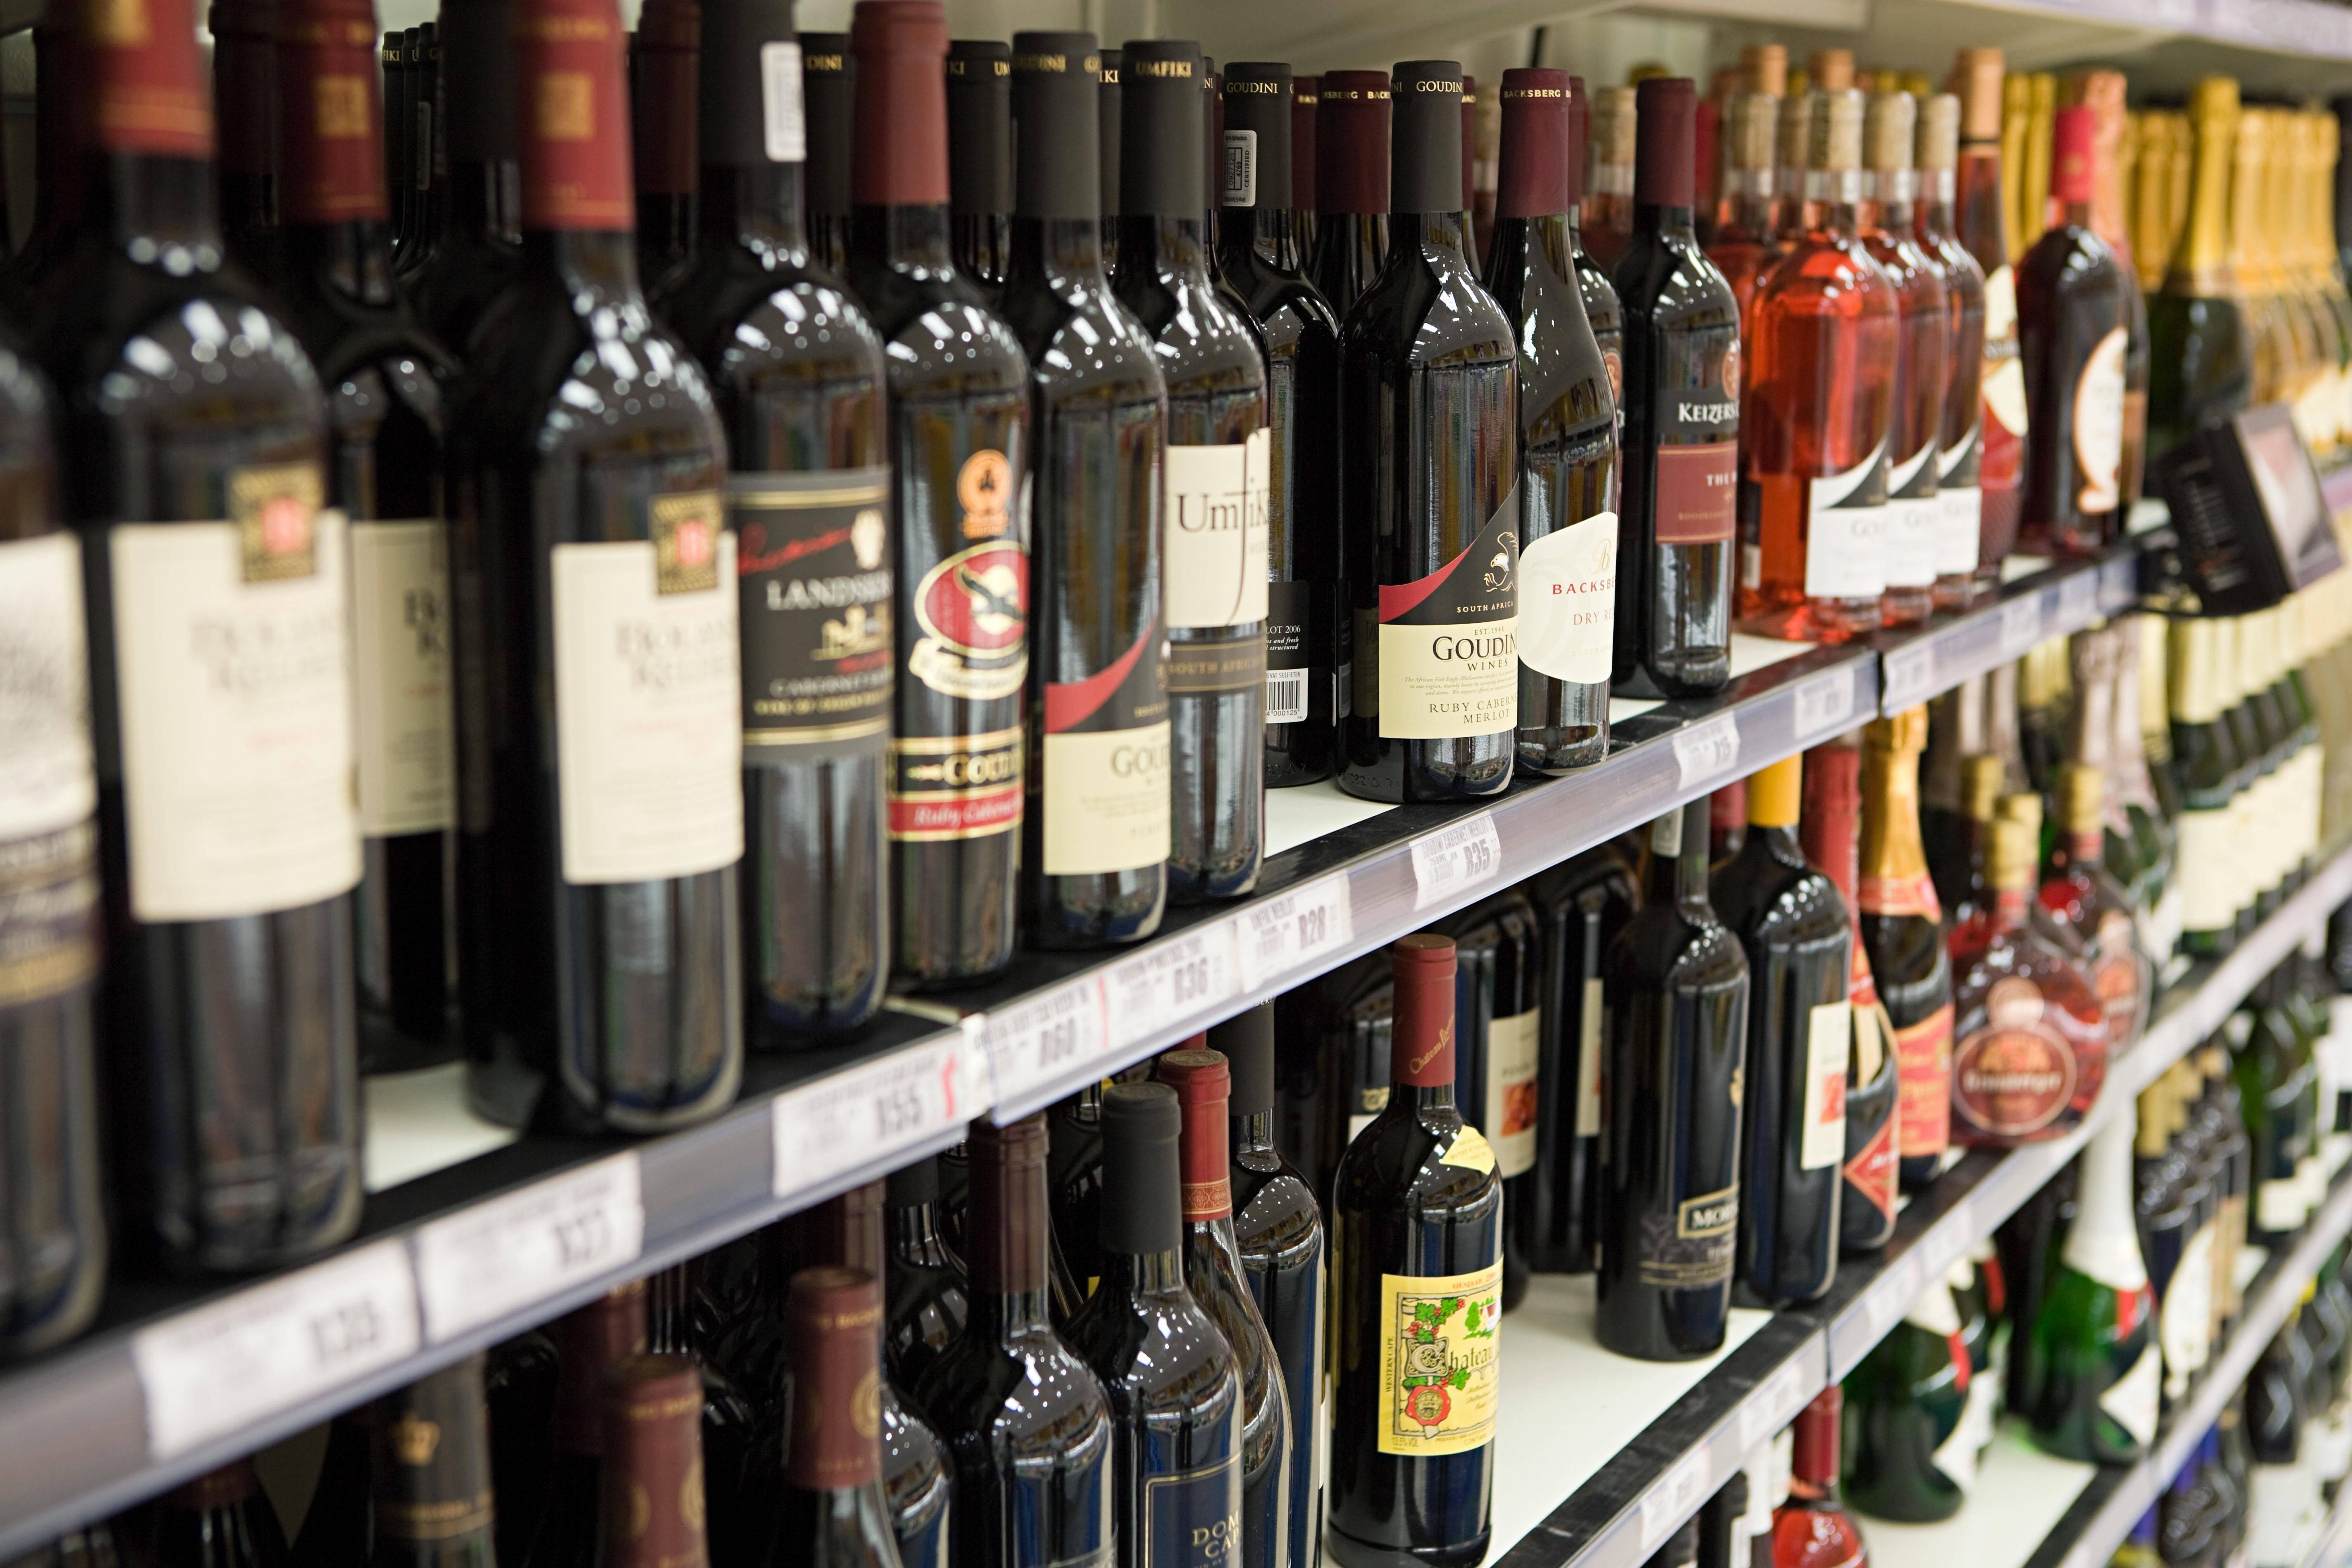 Как выбрать хорошее вино в магазине? советы от истинных ценителей